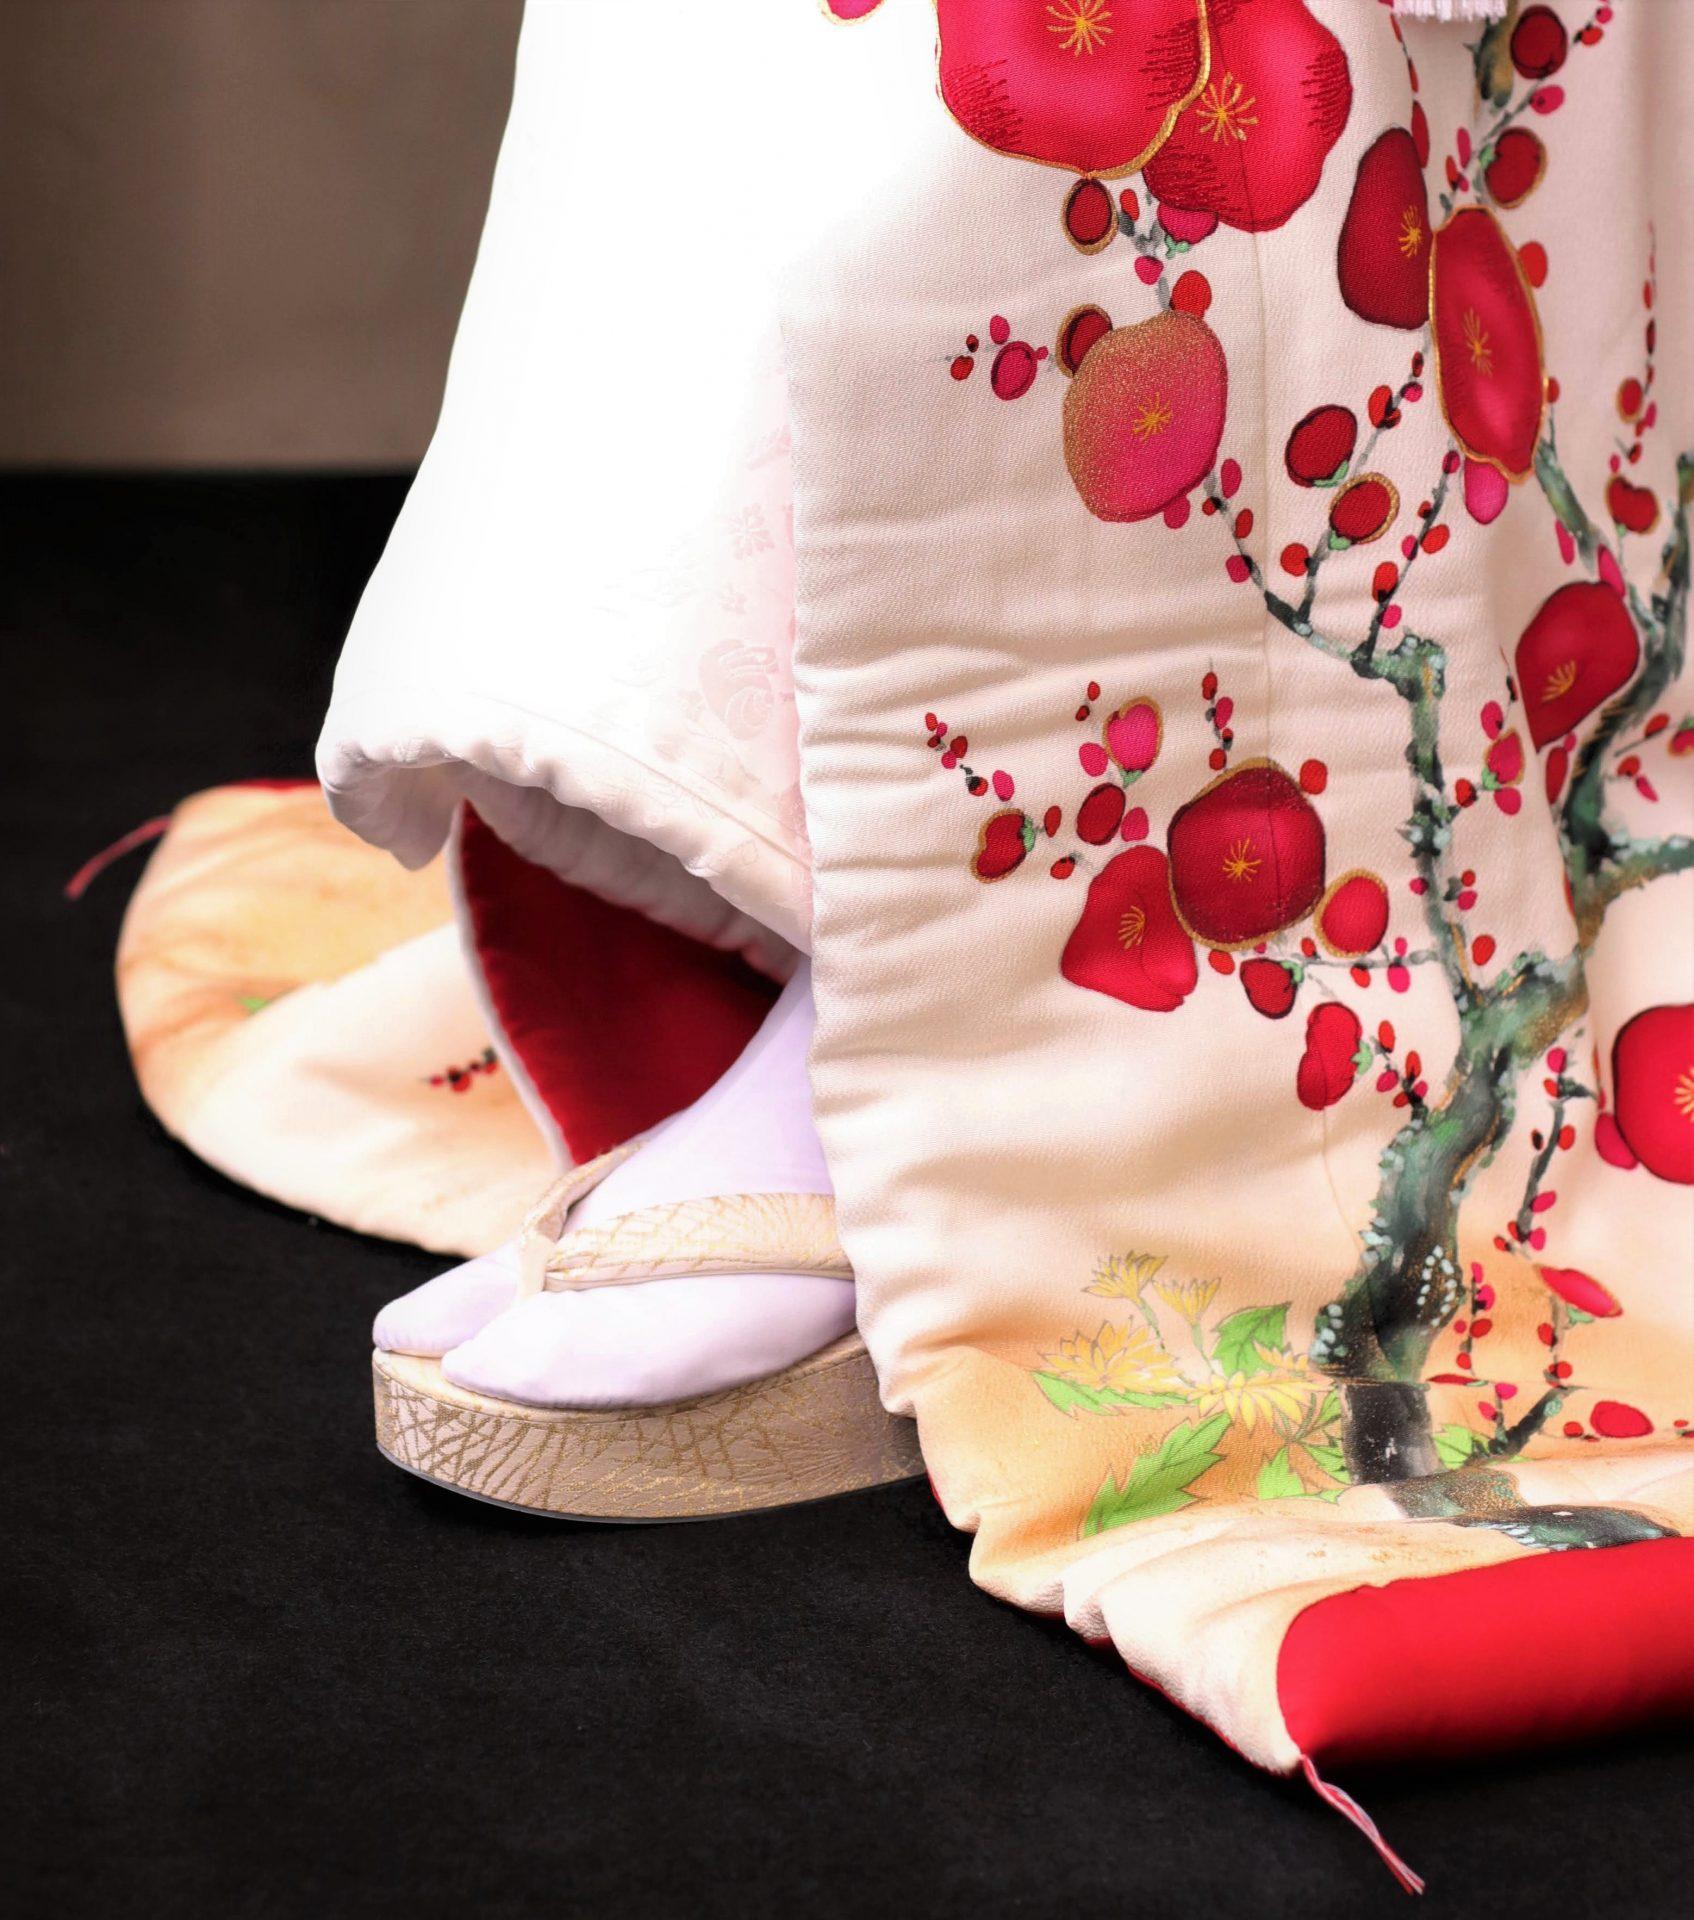 暖かい日差しの中で執り行う春の結婚式にピッタリな紅白の彩り美しい紅梅柄の色打掛に、金色の草履を合わせることで可愛らしい雰囲気の中にも大人っぽい印象がある大人可愛い花嫁姿に仕上がります